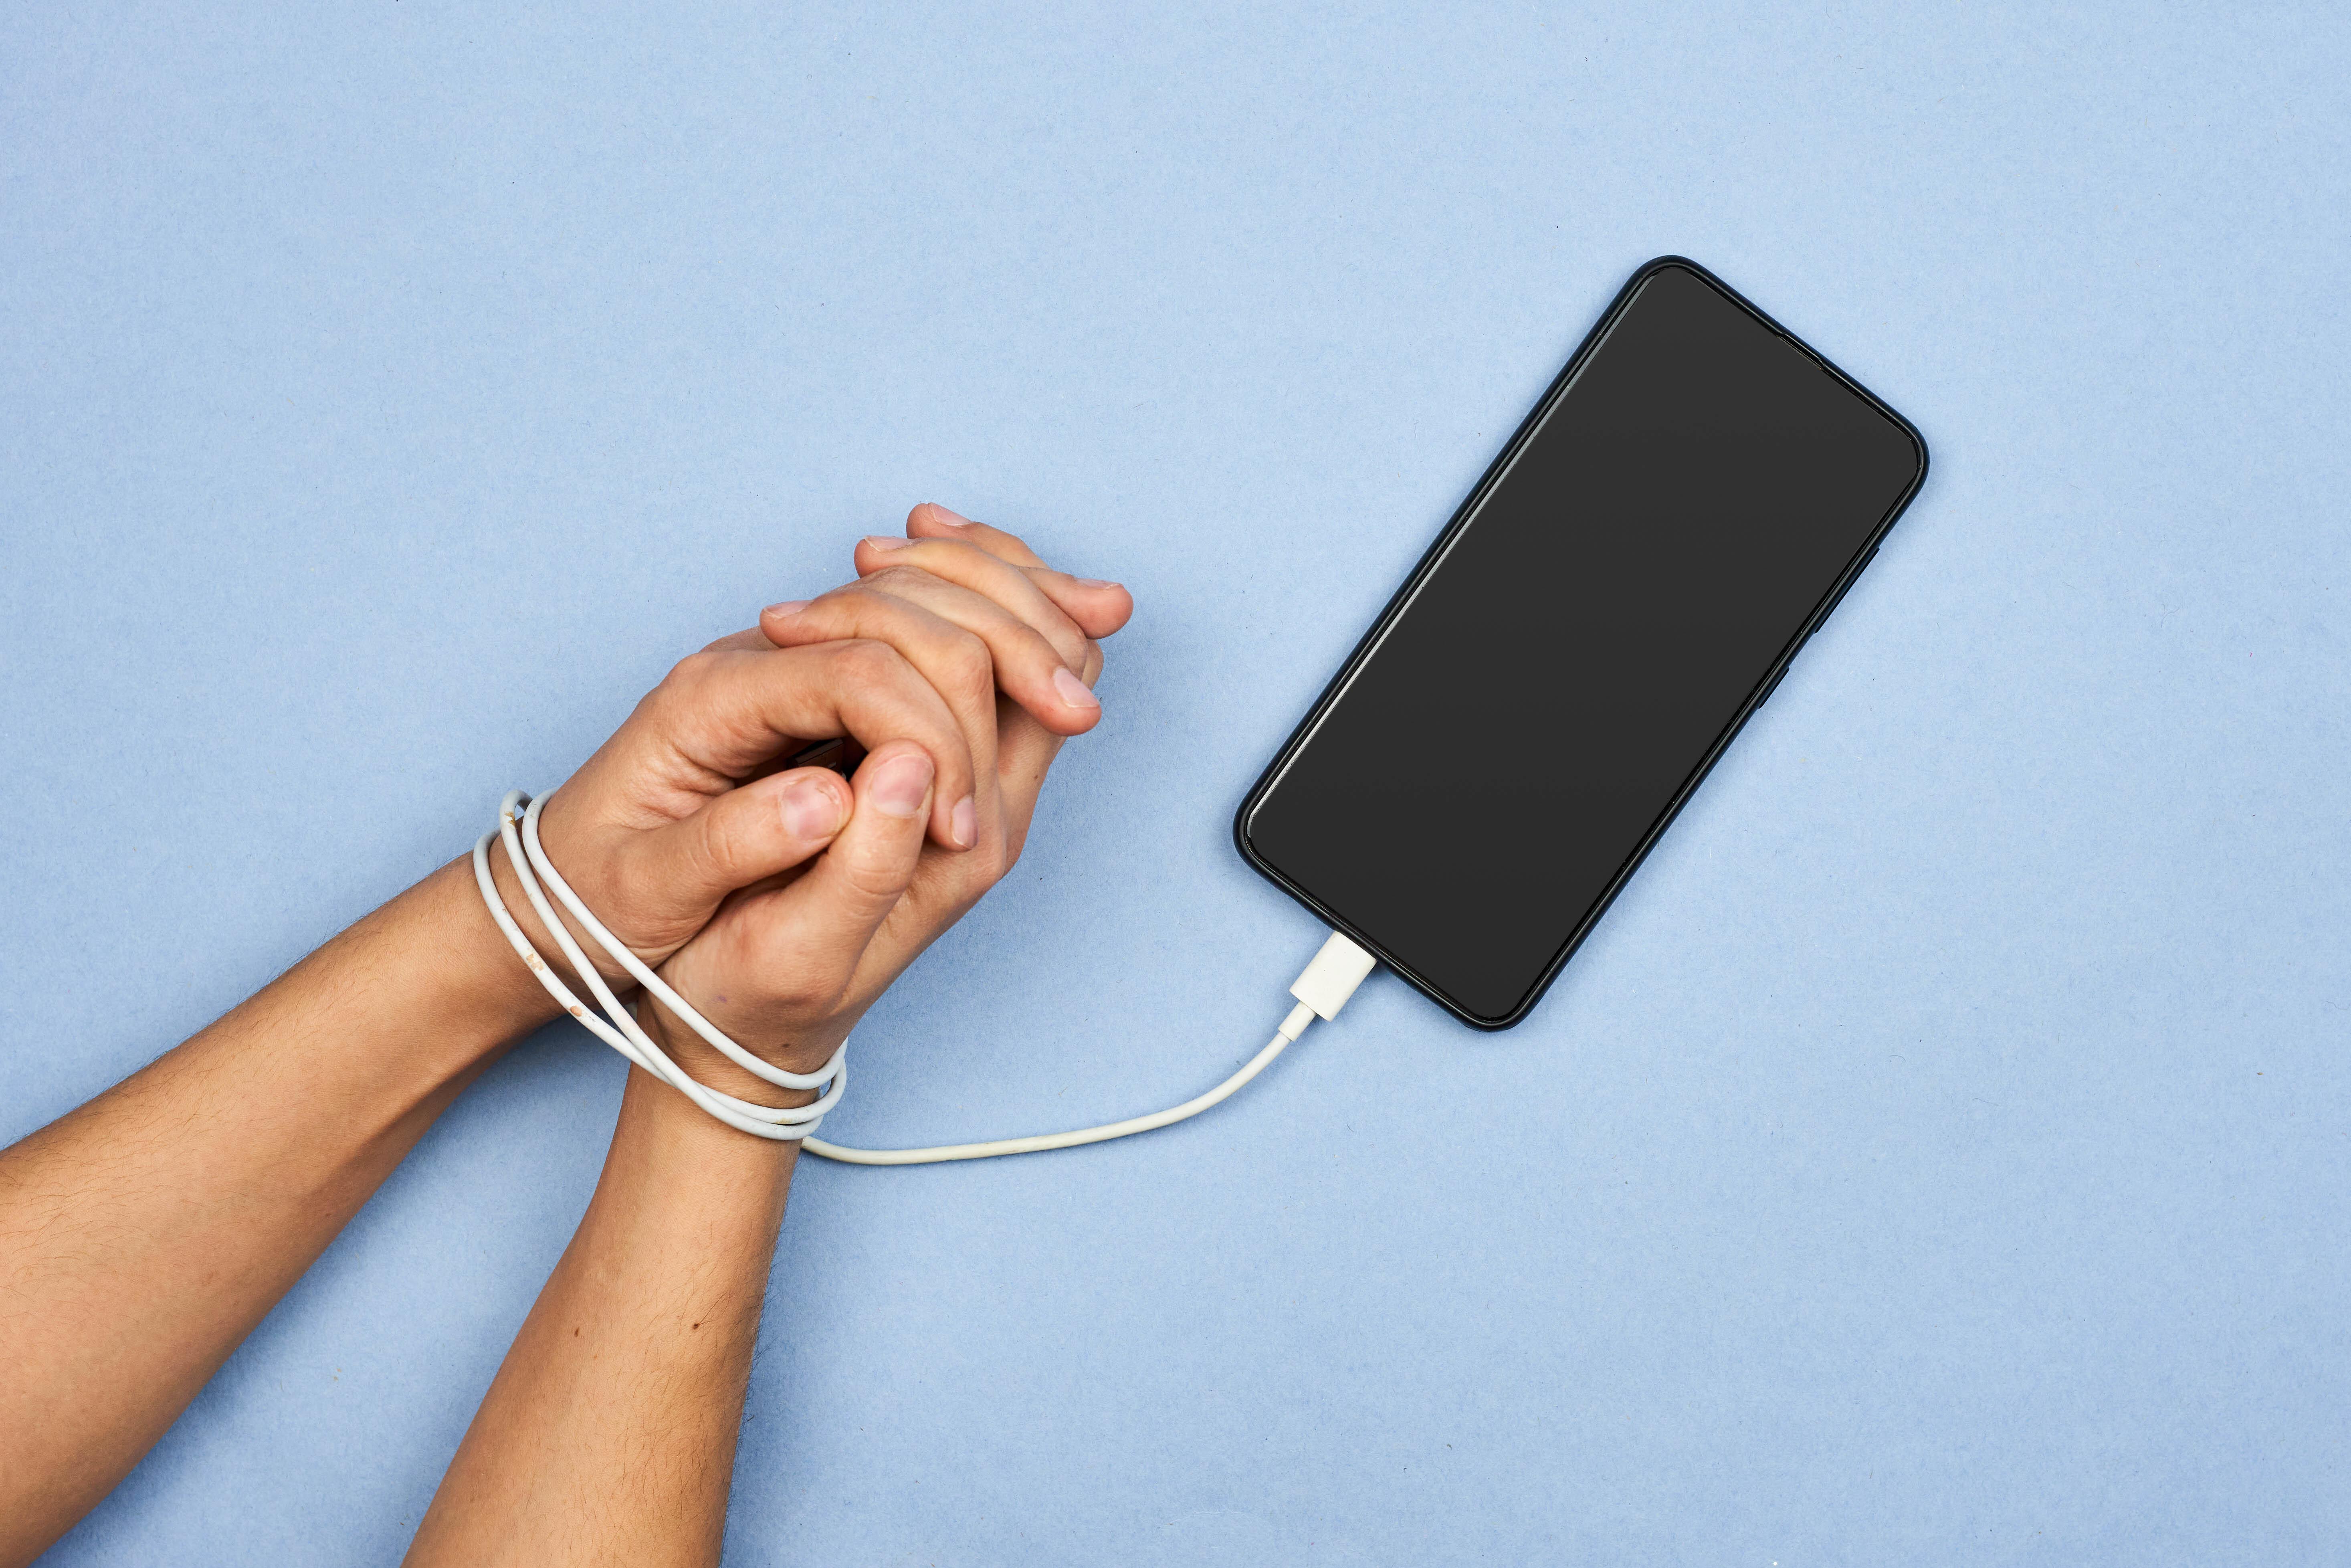 Los universitarios presentan niveles moderados de nomofobia, un miedo irracional a no disponer de su smartphone